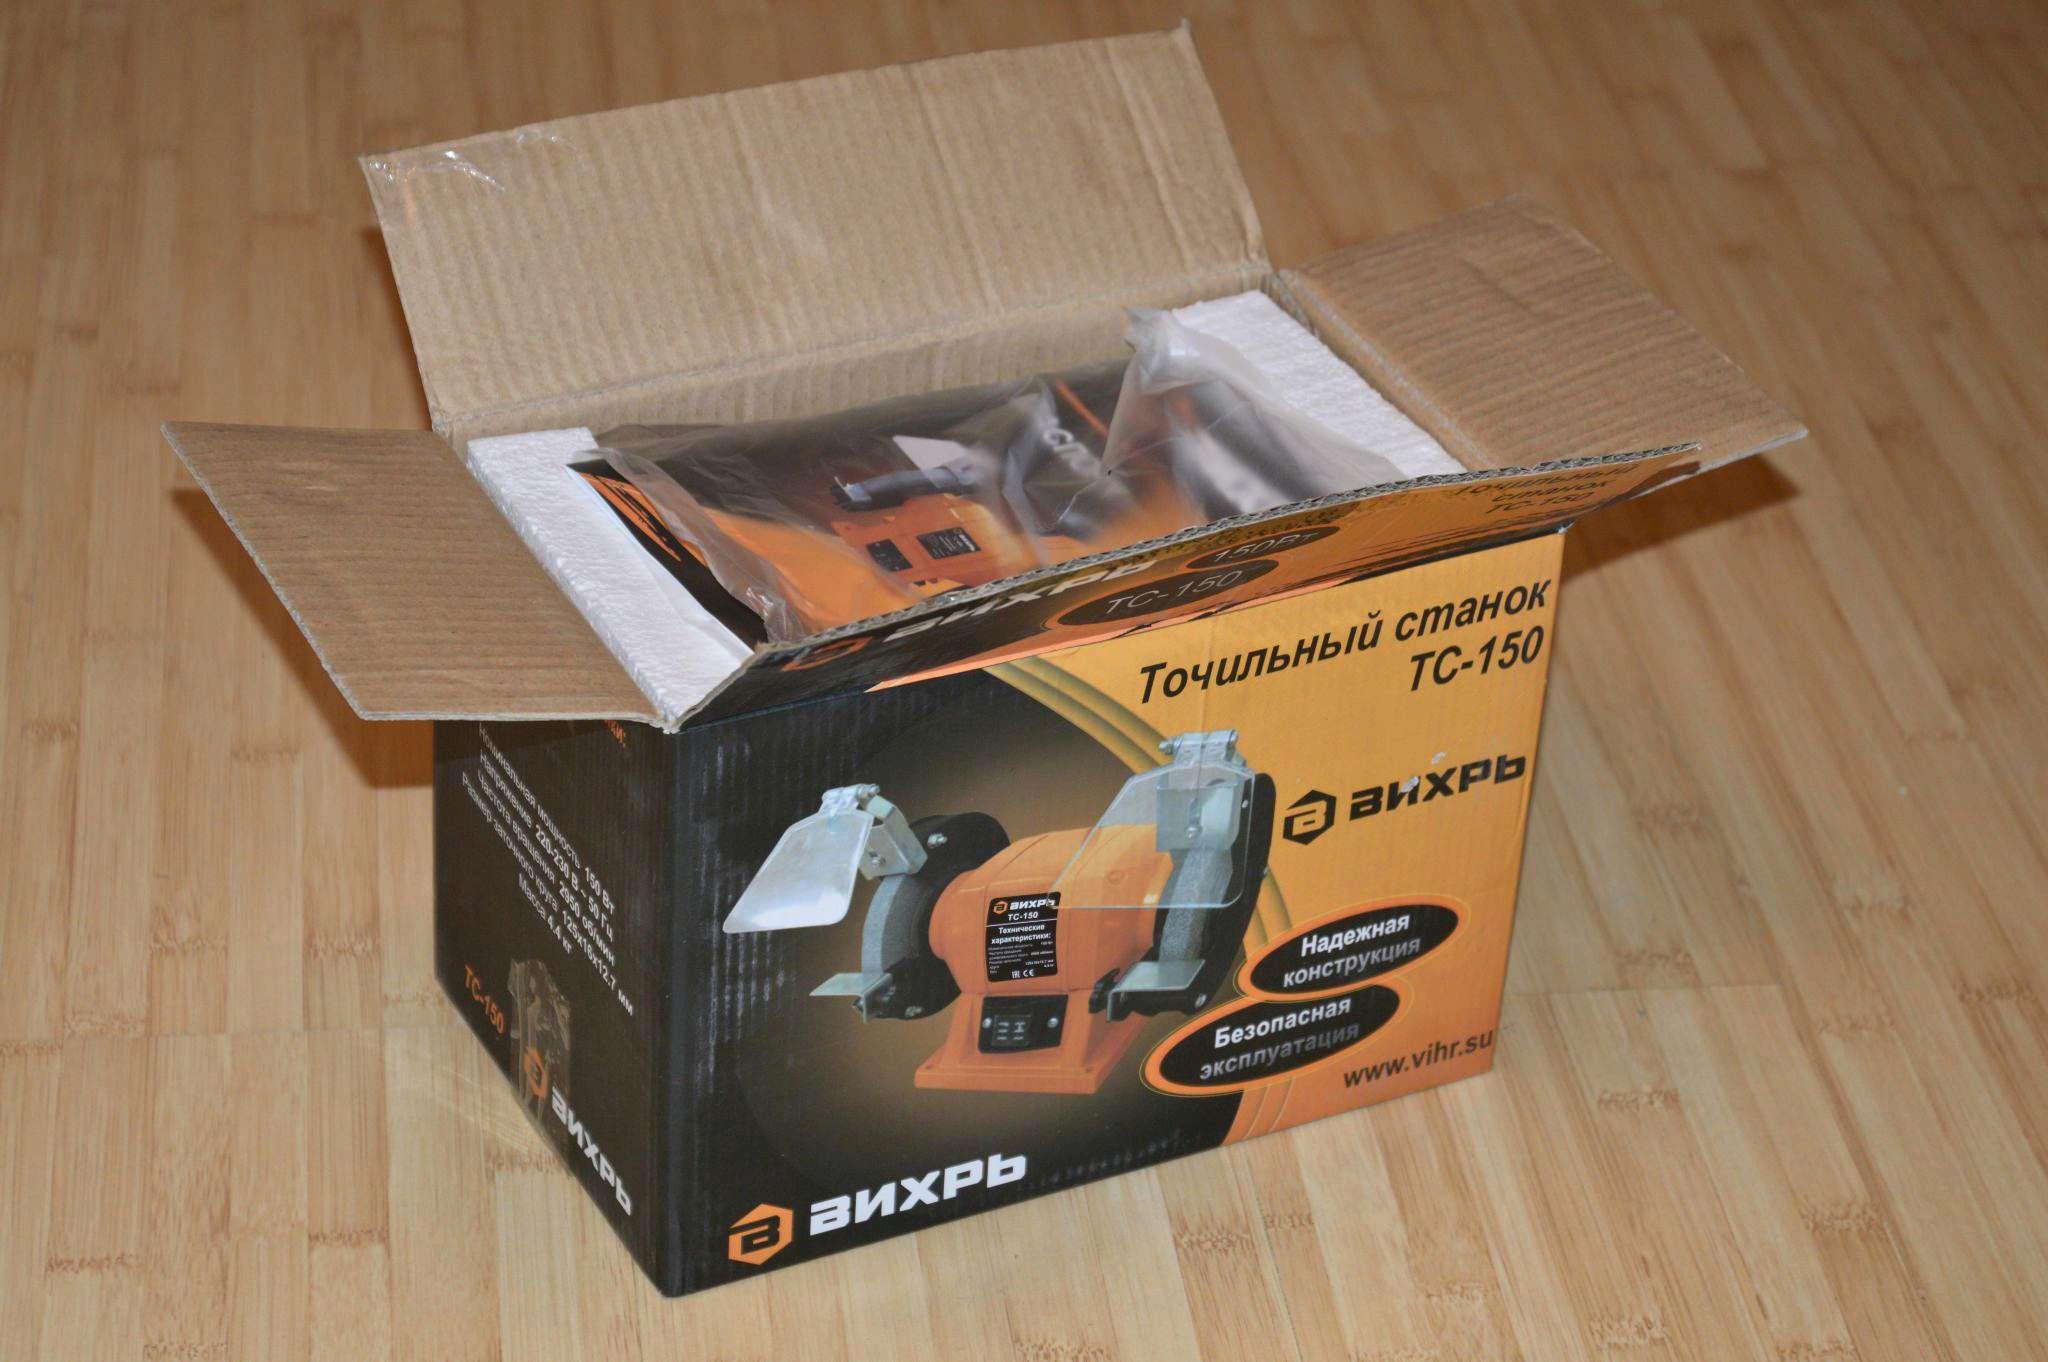 Крышечки для двигателей защитные резиновые combo выгодно купить очки dji для диджиай spark